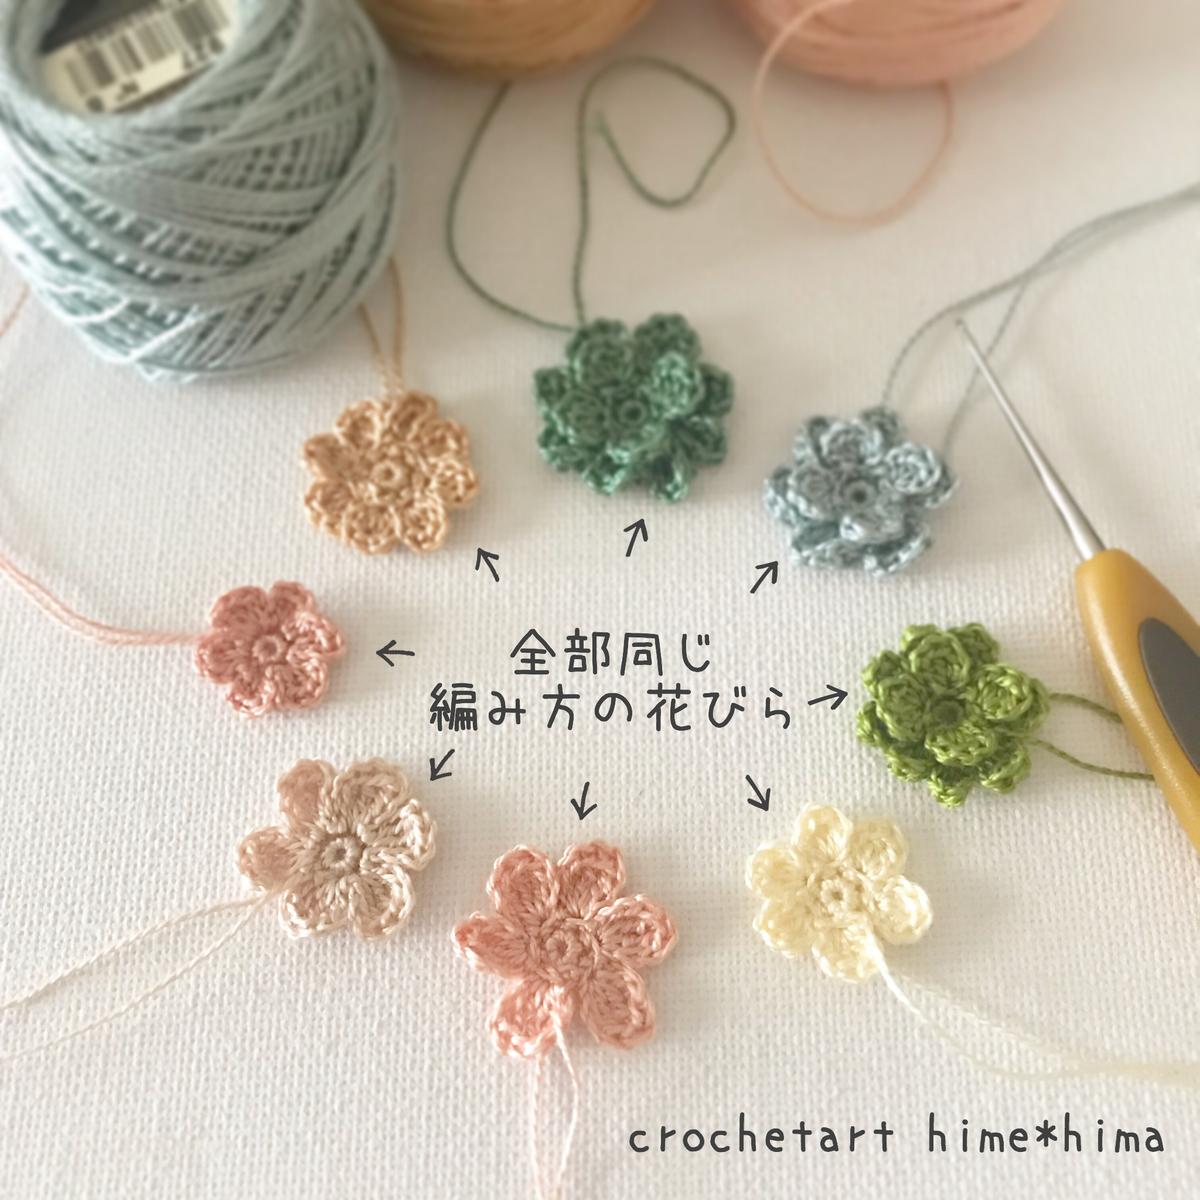 刺繍糸の花モチーフ色々